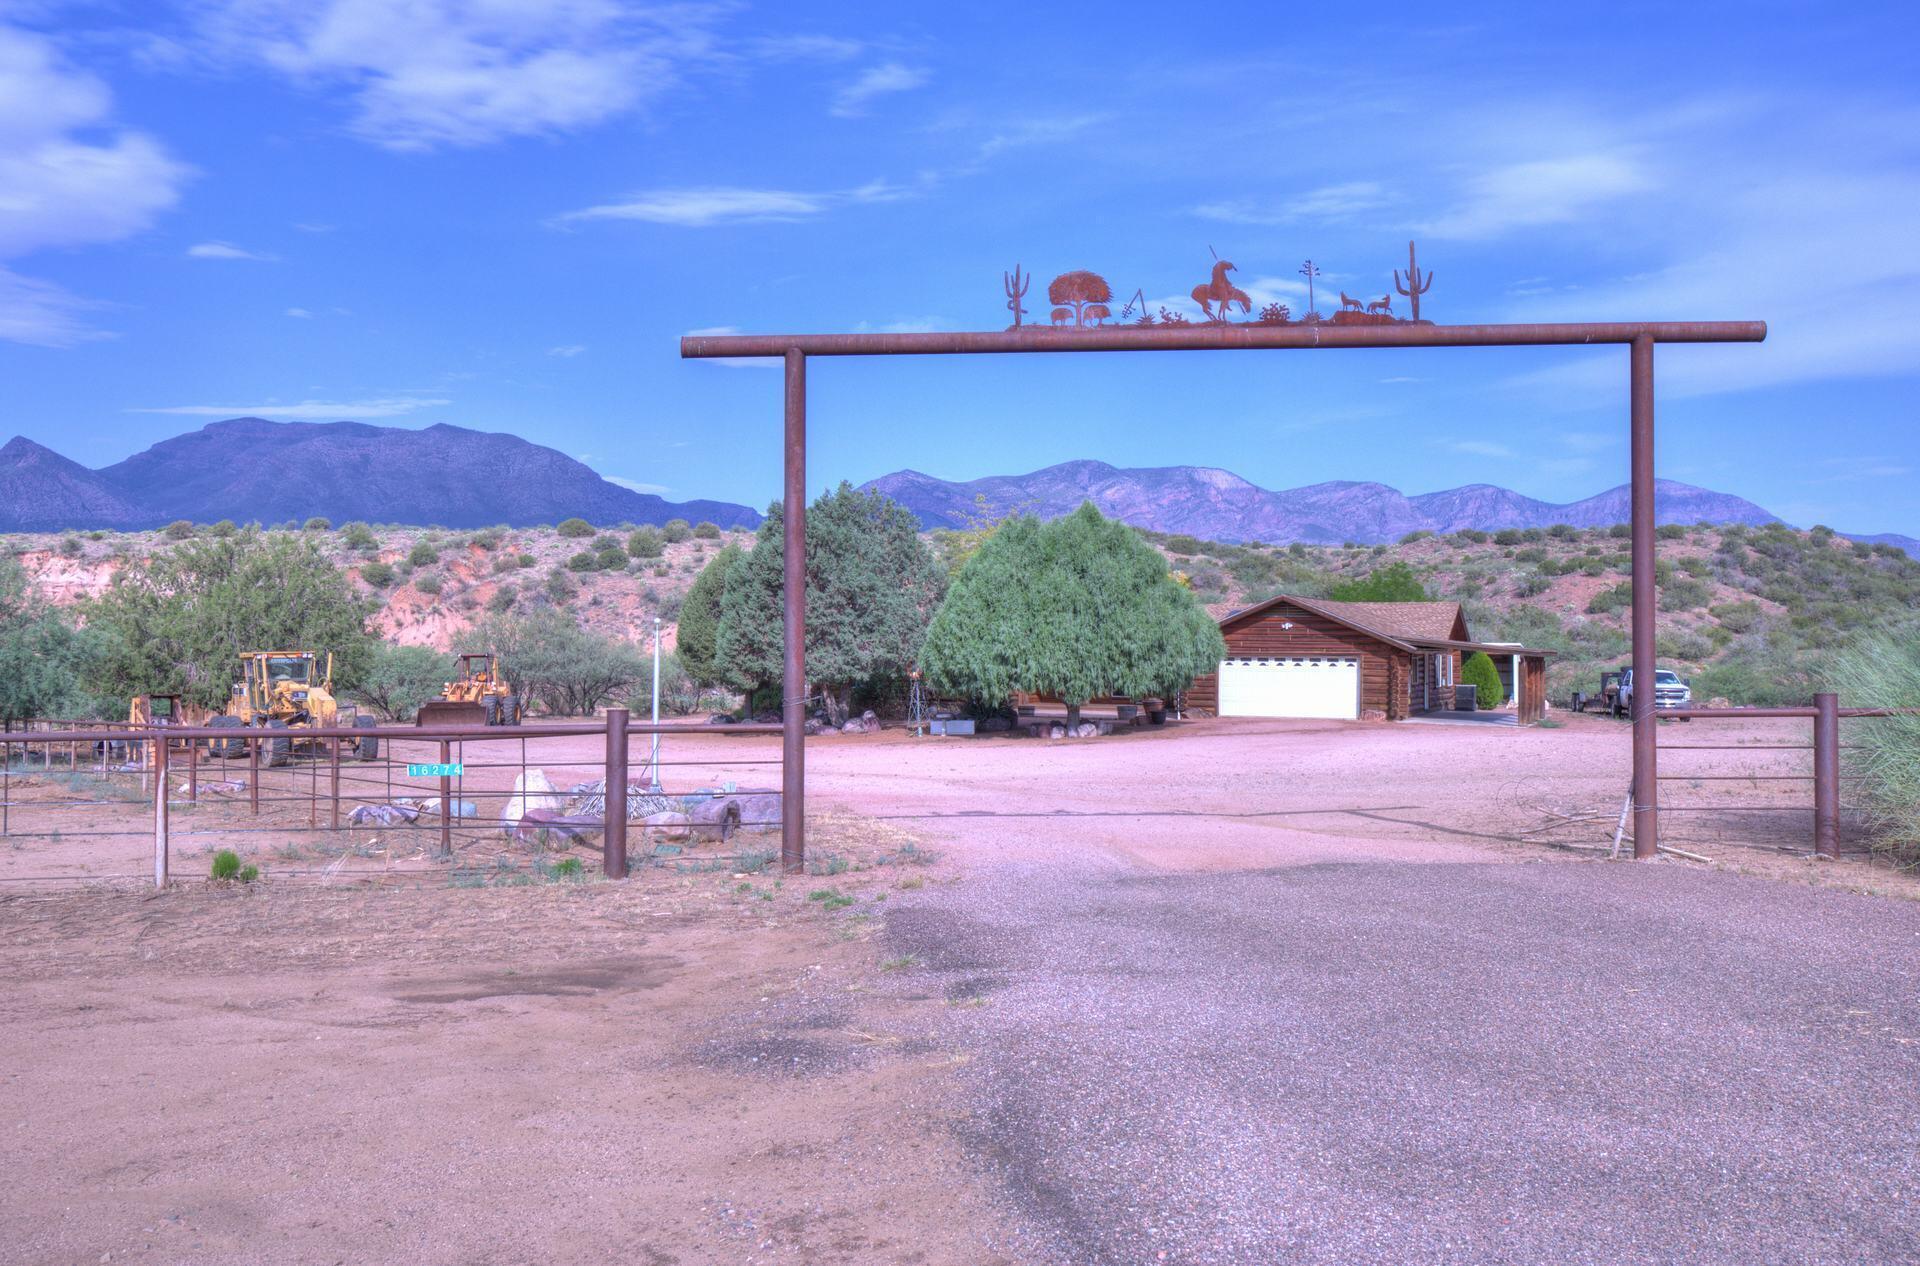 16274 N Az Highway 87, Payson, AZ 85541